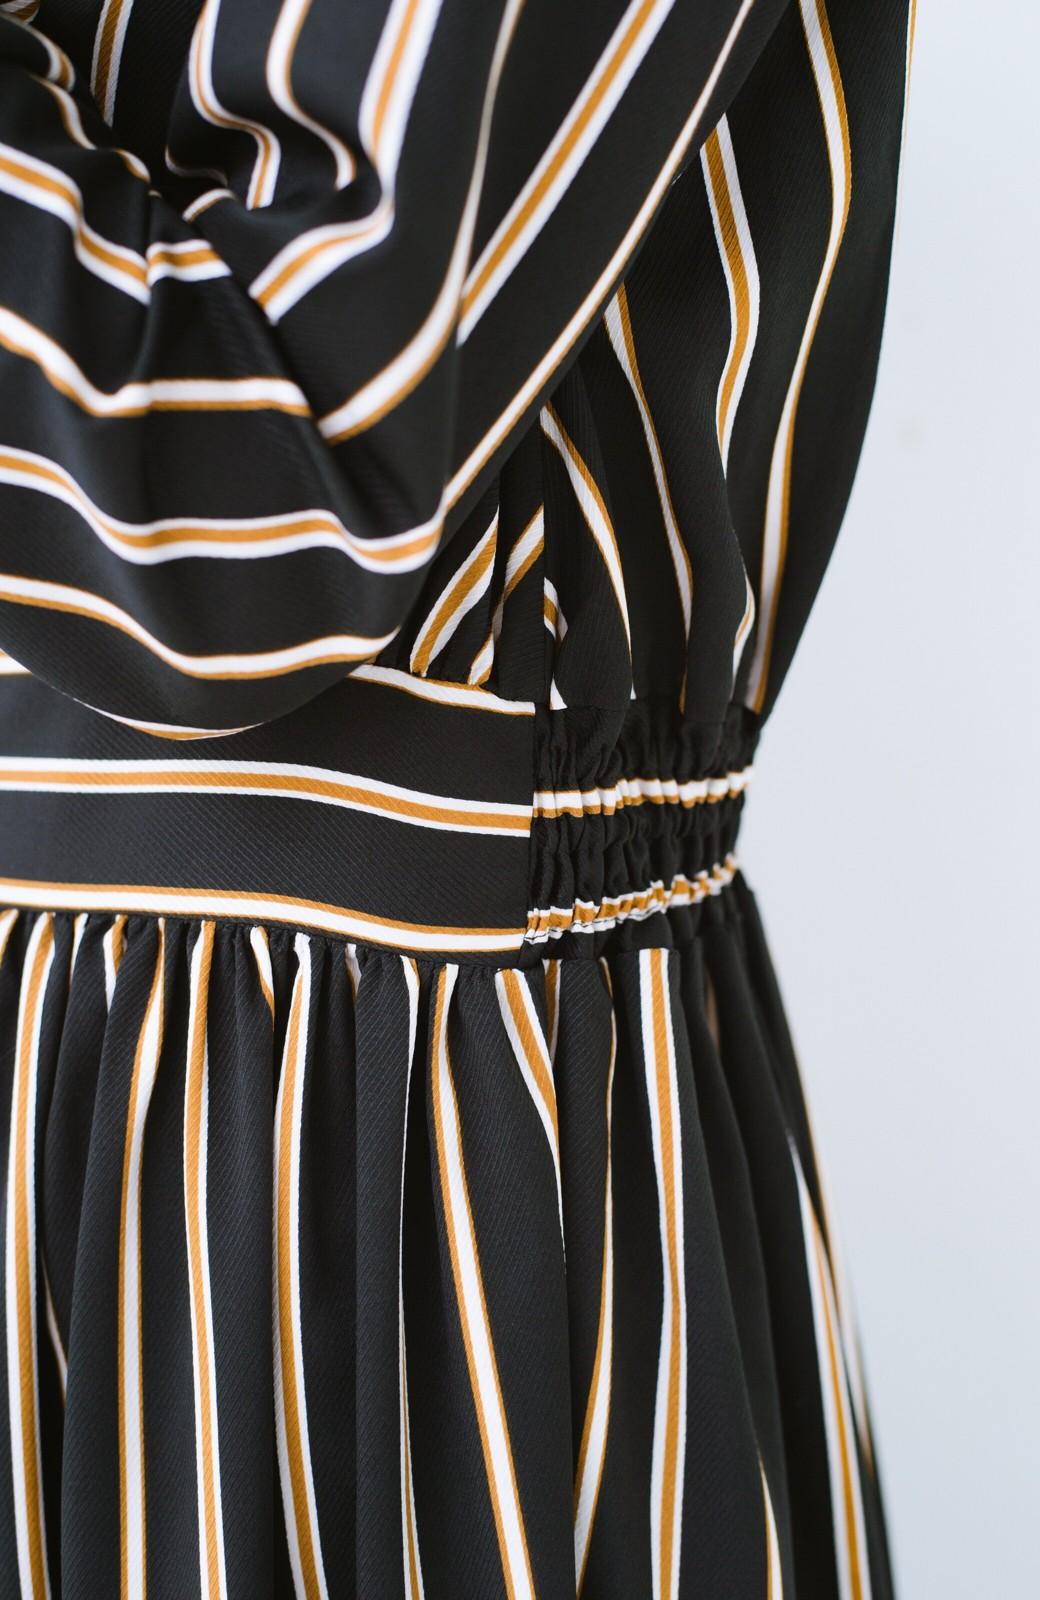 haco! 着るだけでテンション上げられる レジメンタルストライプのハイネックワンピース <ブラック>の商品写真5